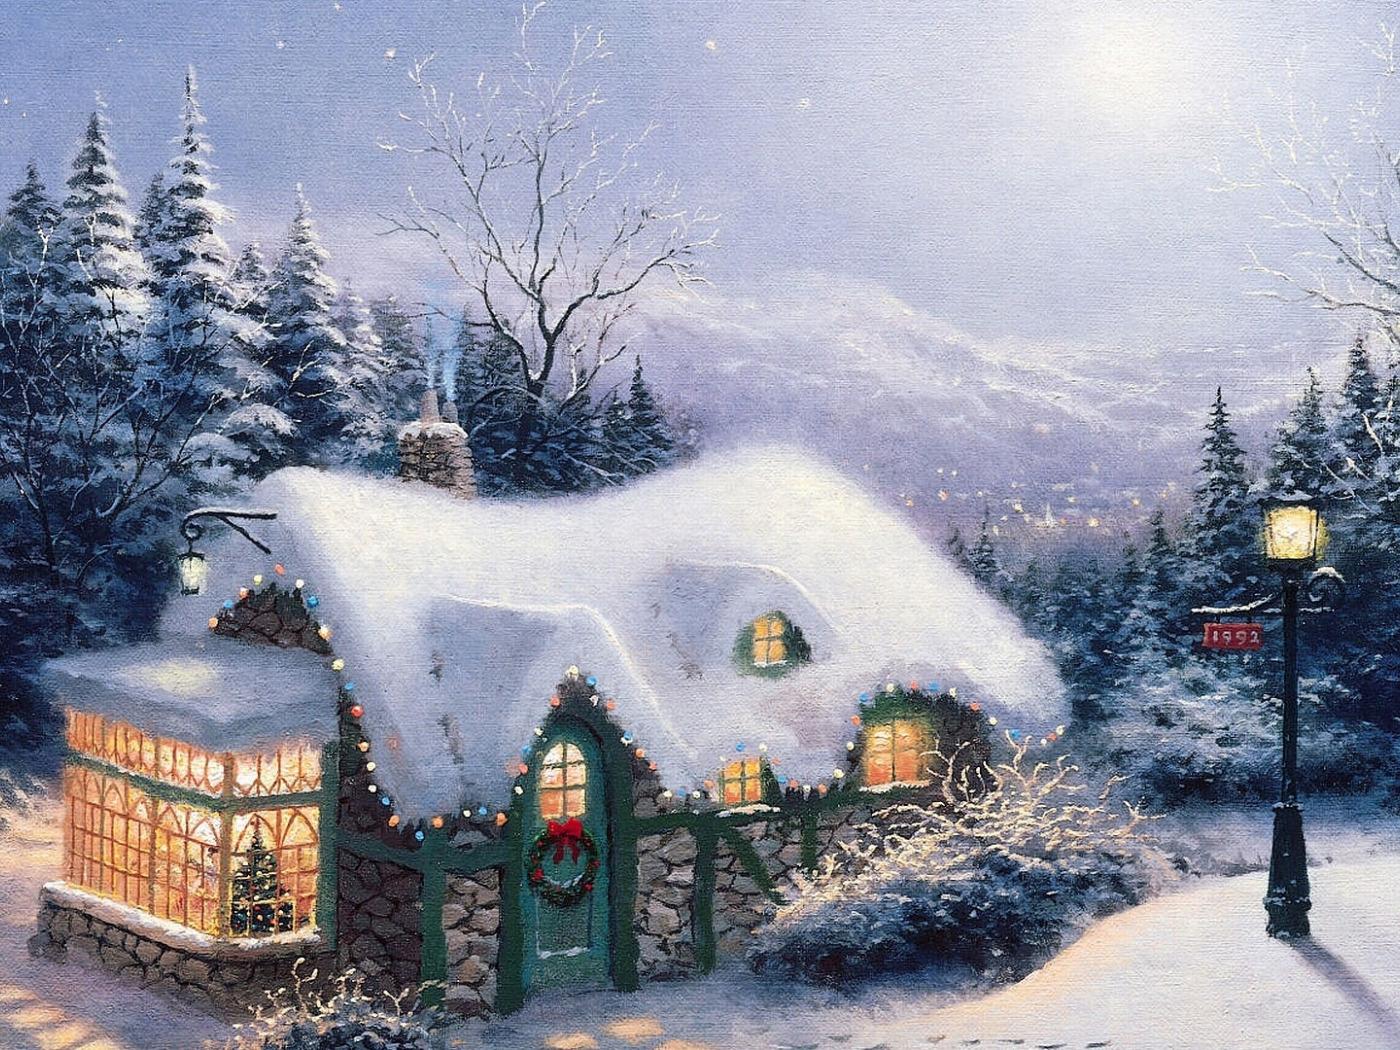 Снежные открытки с новым годом